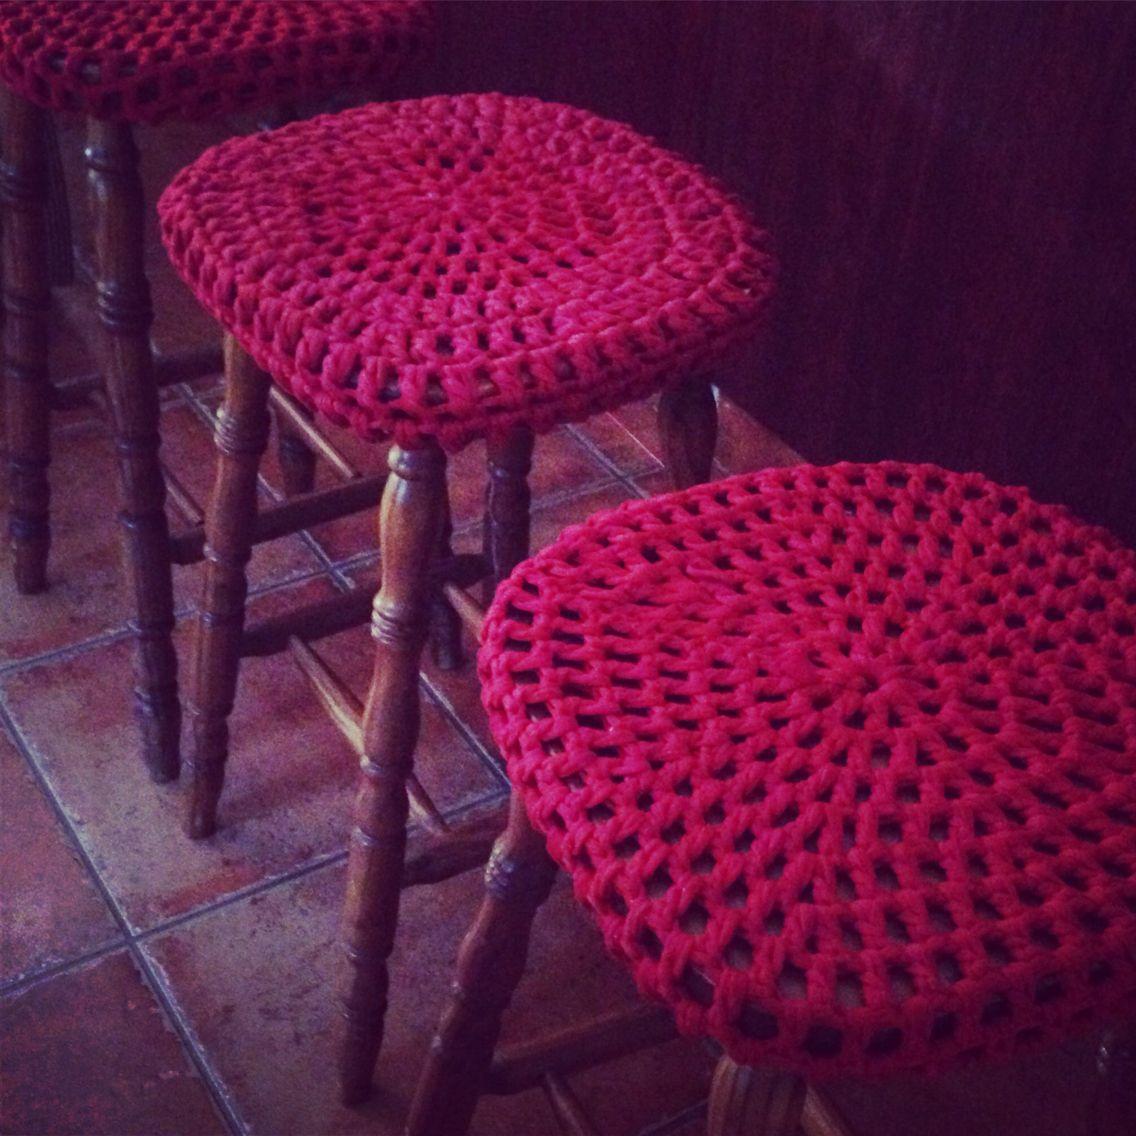 Bar stool revamp #crochet